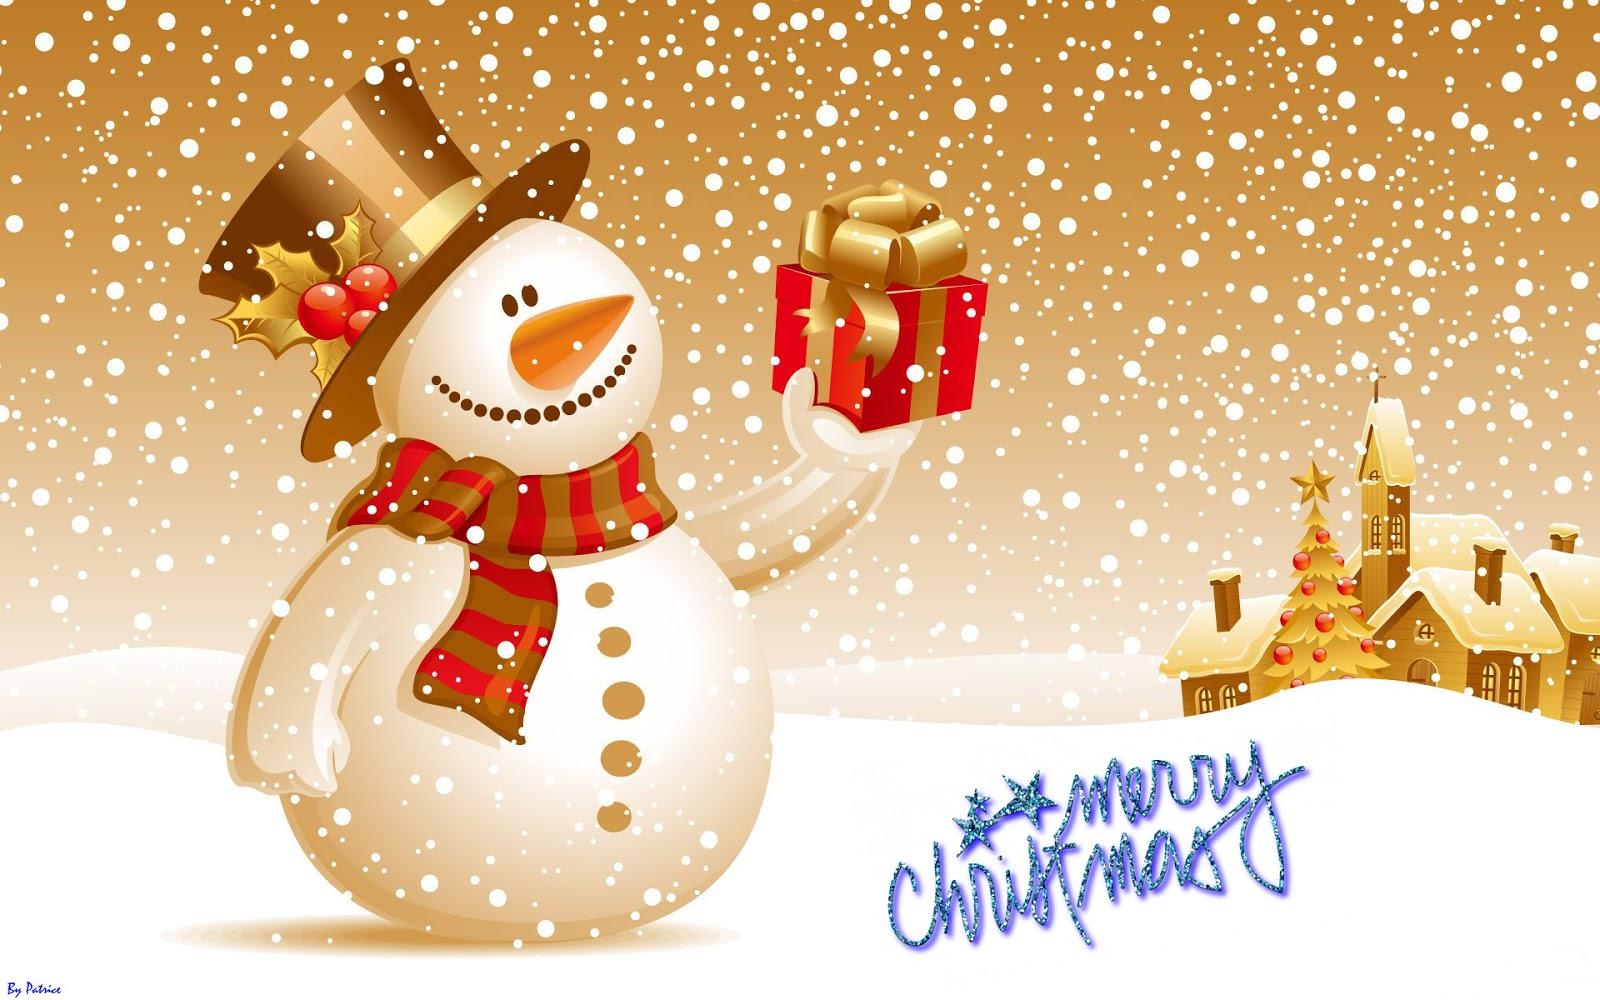 رغبات عيد الميلاد ورسائل للأصدقاء والعائلة - 2020 / 2021